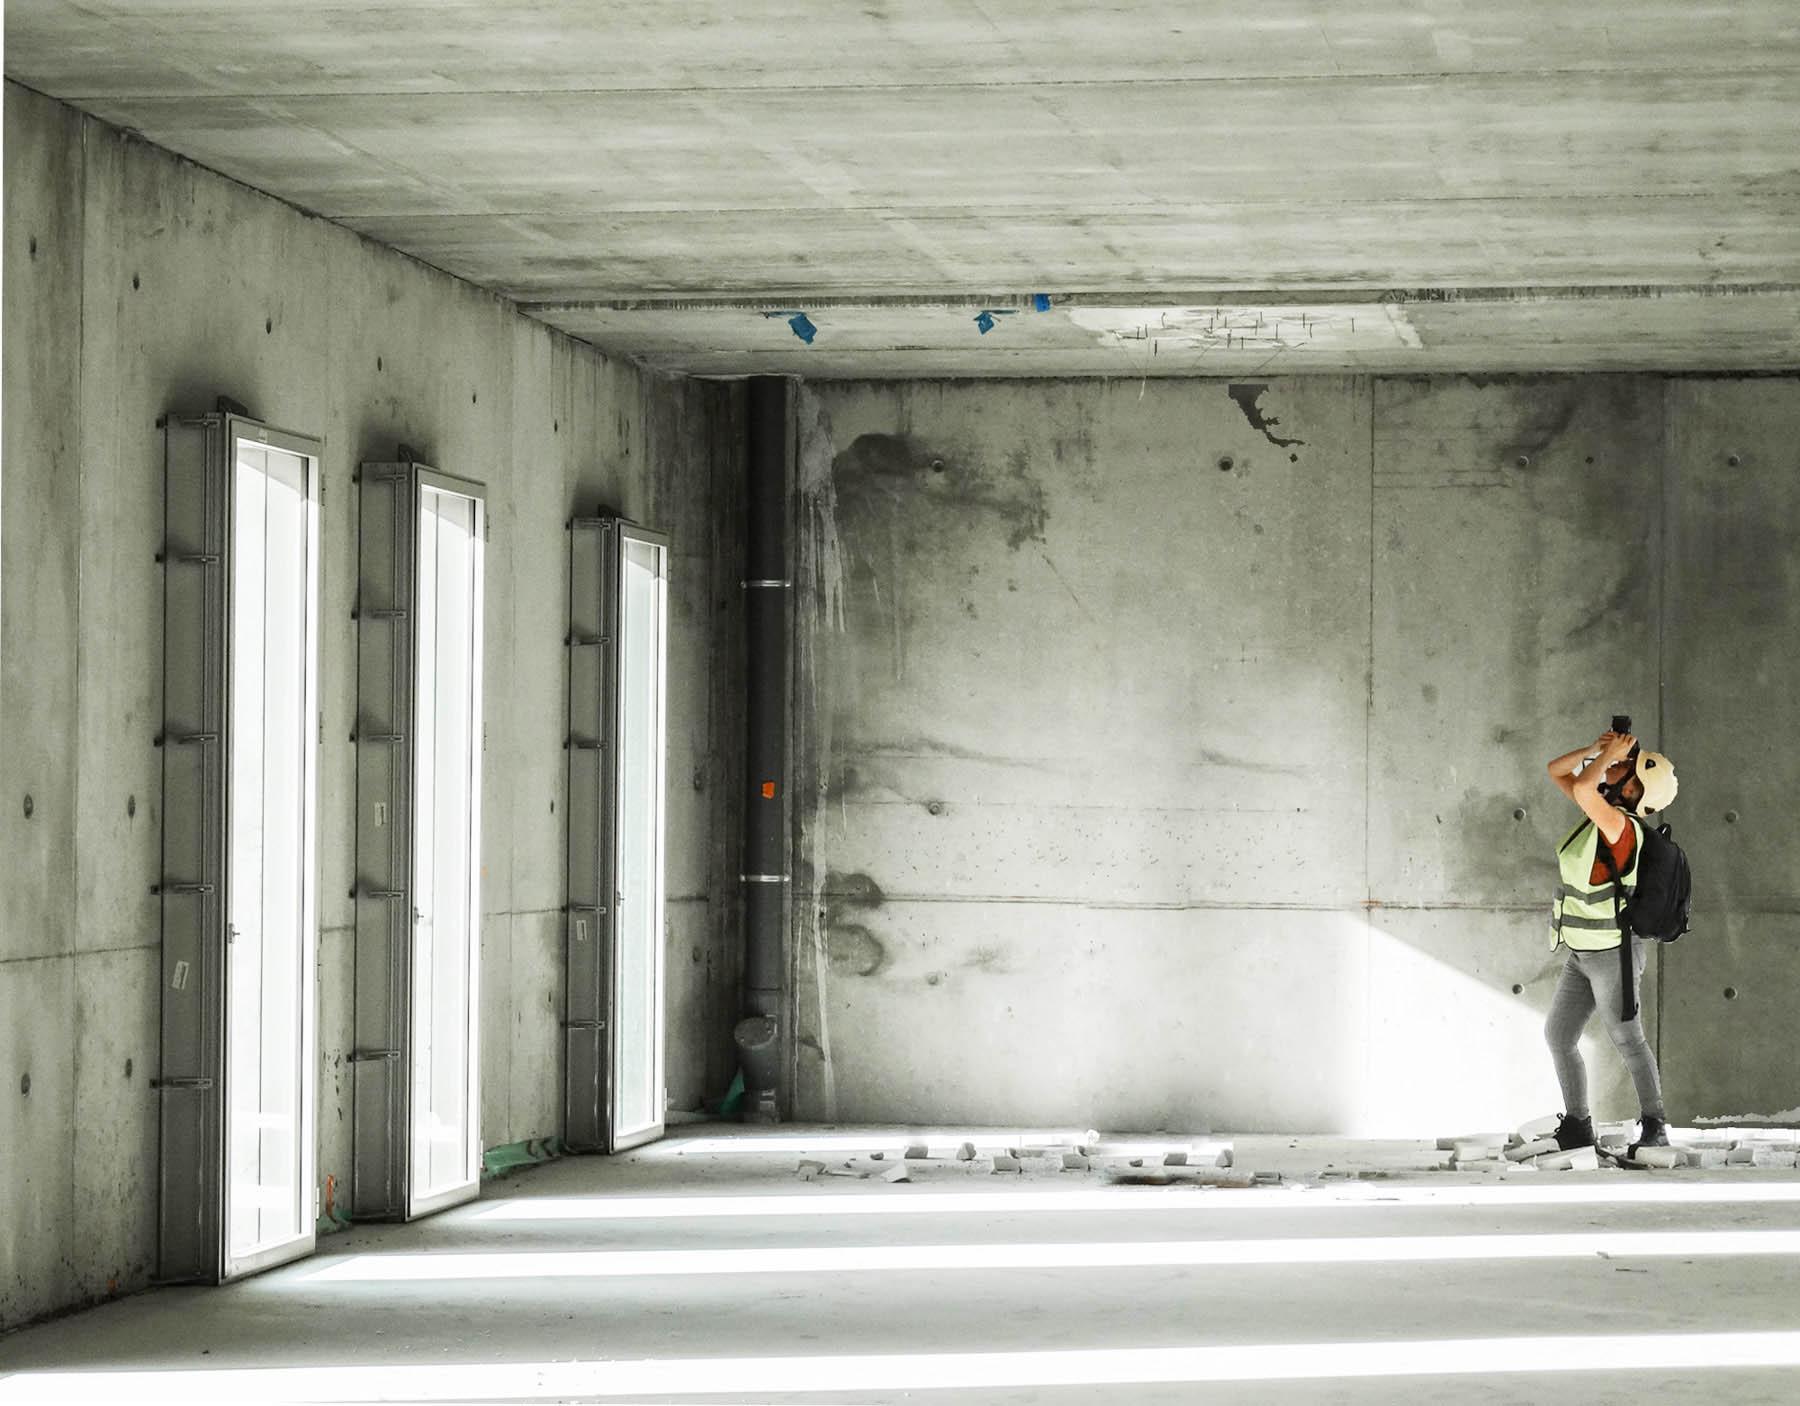 photo de Carole embid sur un reportage de chantier à mauleon au pays basque